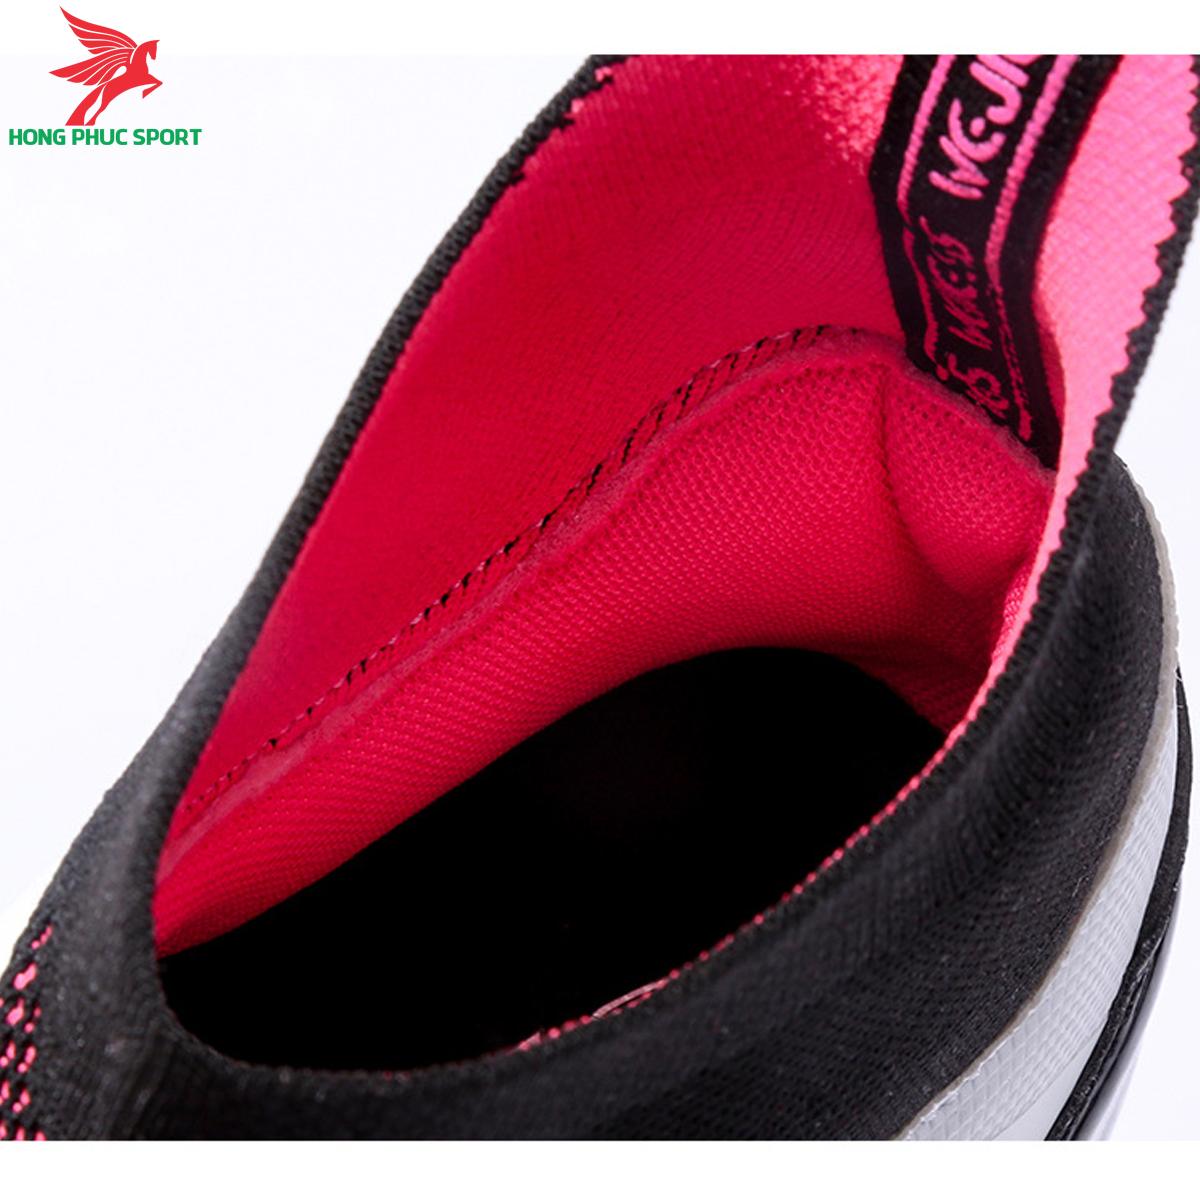 Giày đá banh cố cao Predator 20.3 đế FG màu trắng hồng (3)